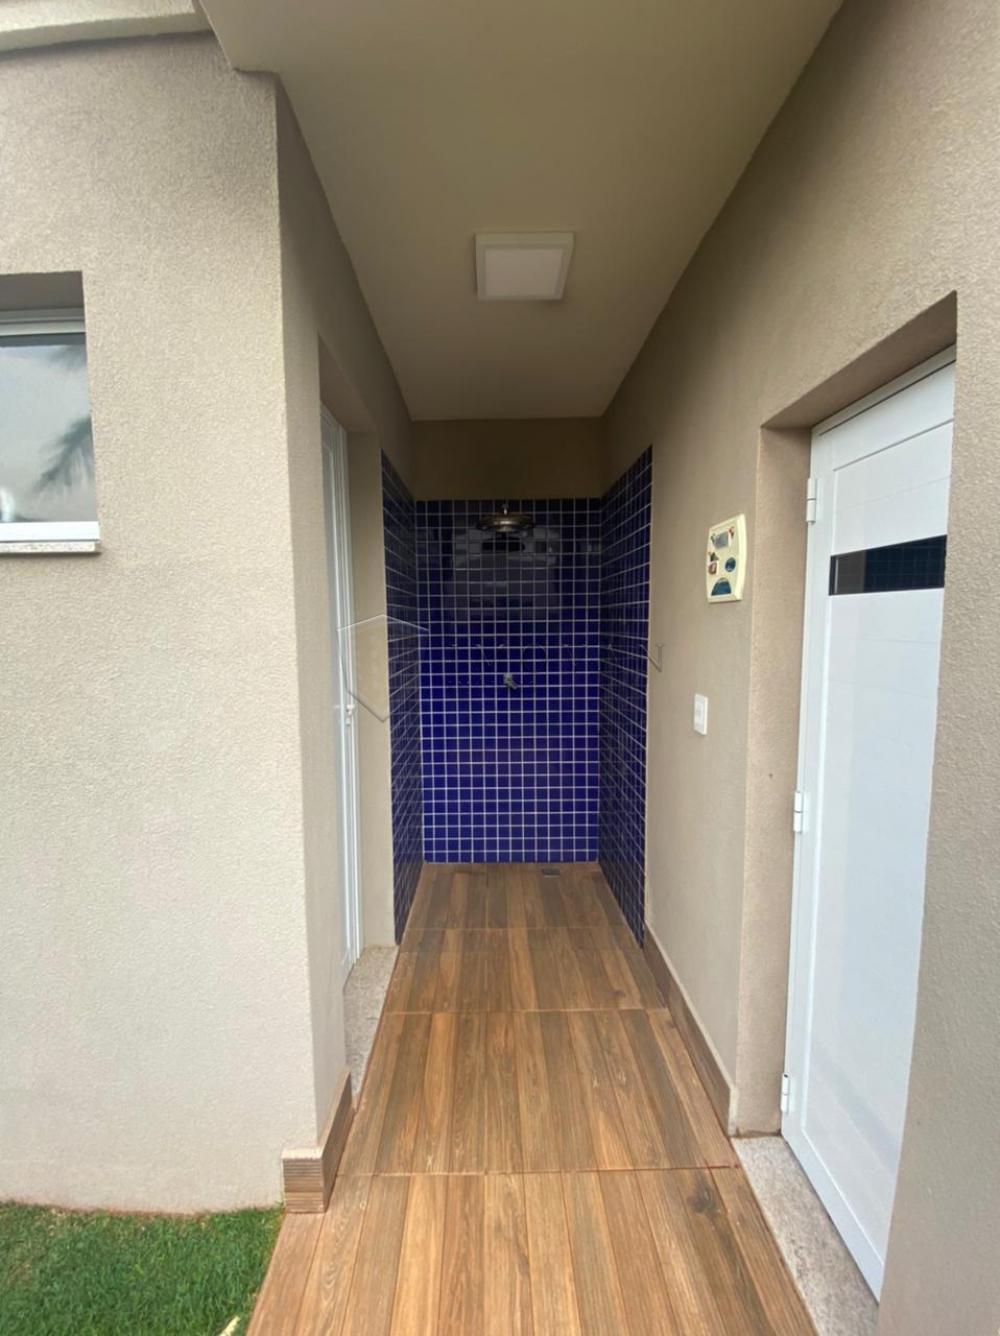 Comprar Casa / Condomínio em Bonfim Paulista R$ 2.800.000,00 - Foto 1